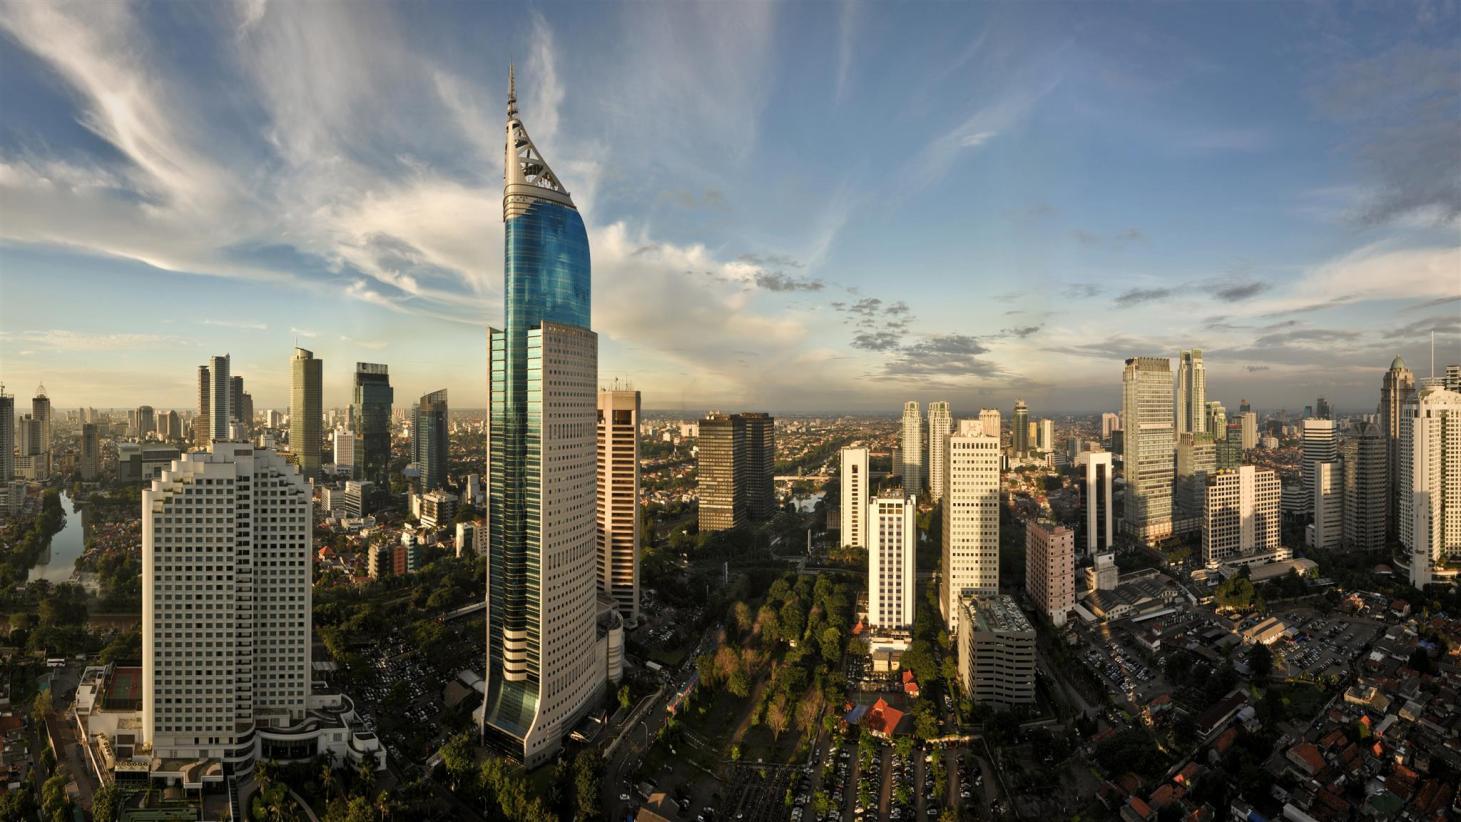 Indonesia đặt mục tiêu hoàn thành xây dựng Thủ đô mới vào năm 2024 - Ảnh 1.